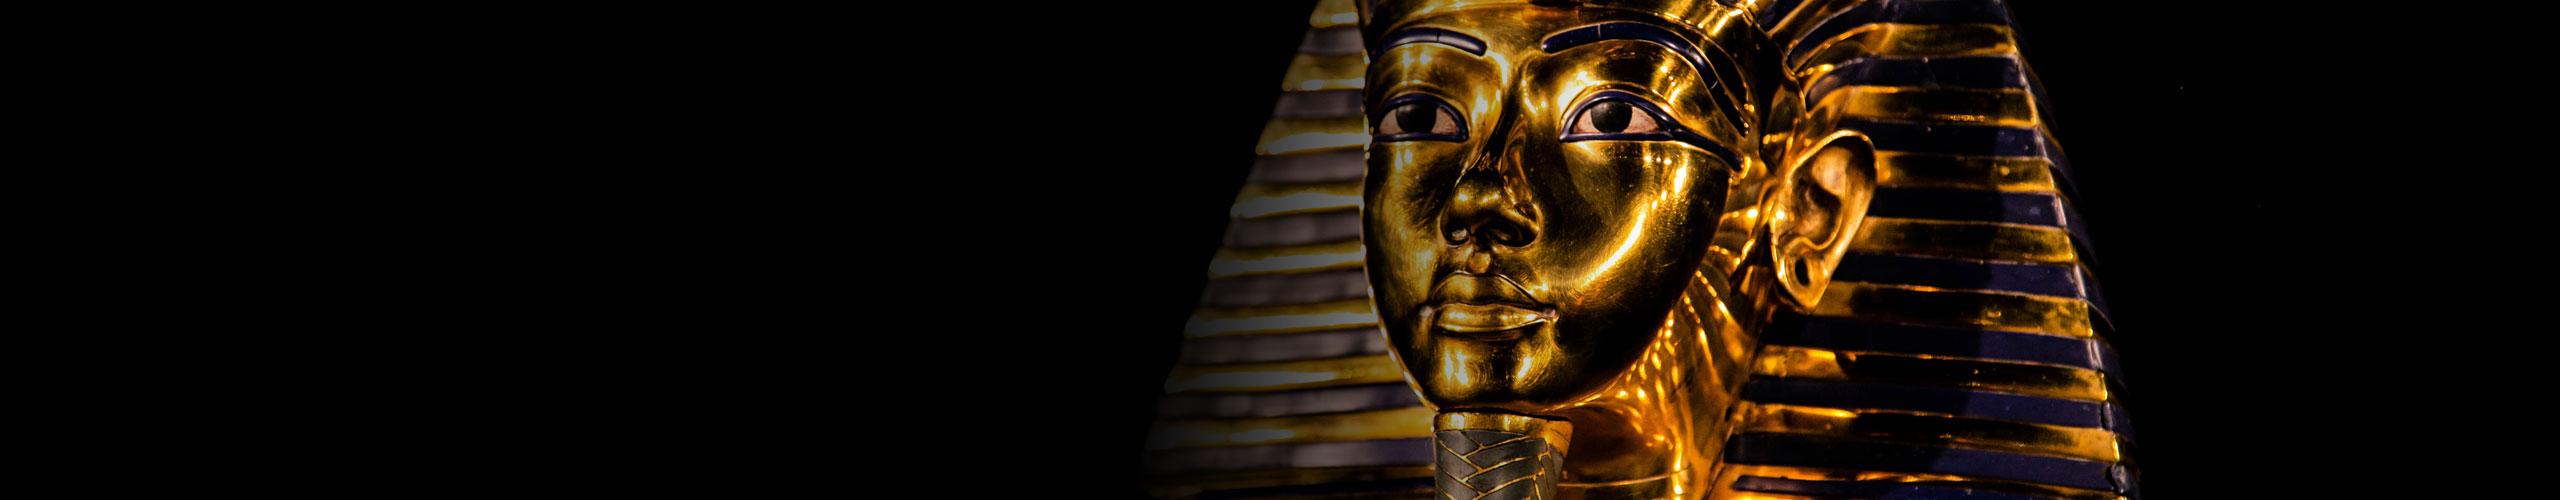 El faraón Tutankhamon